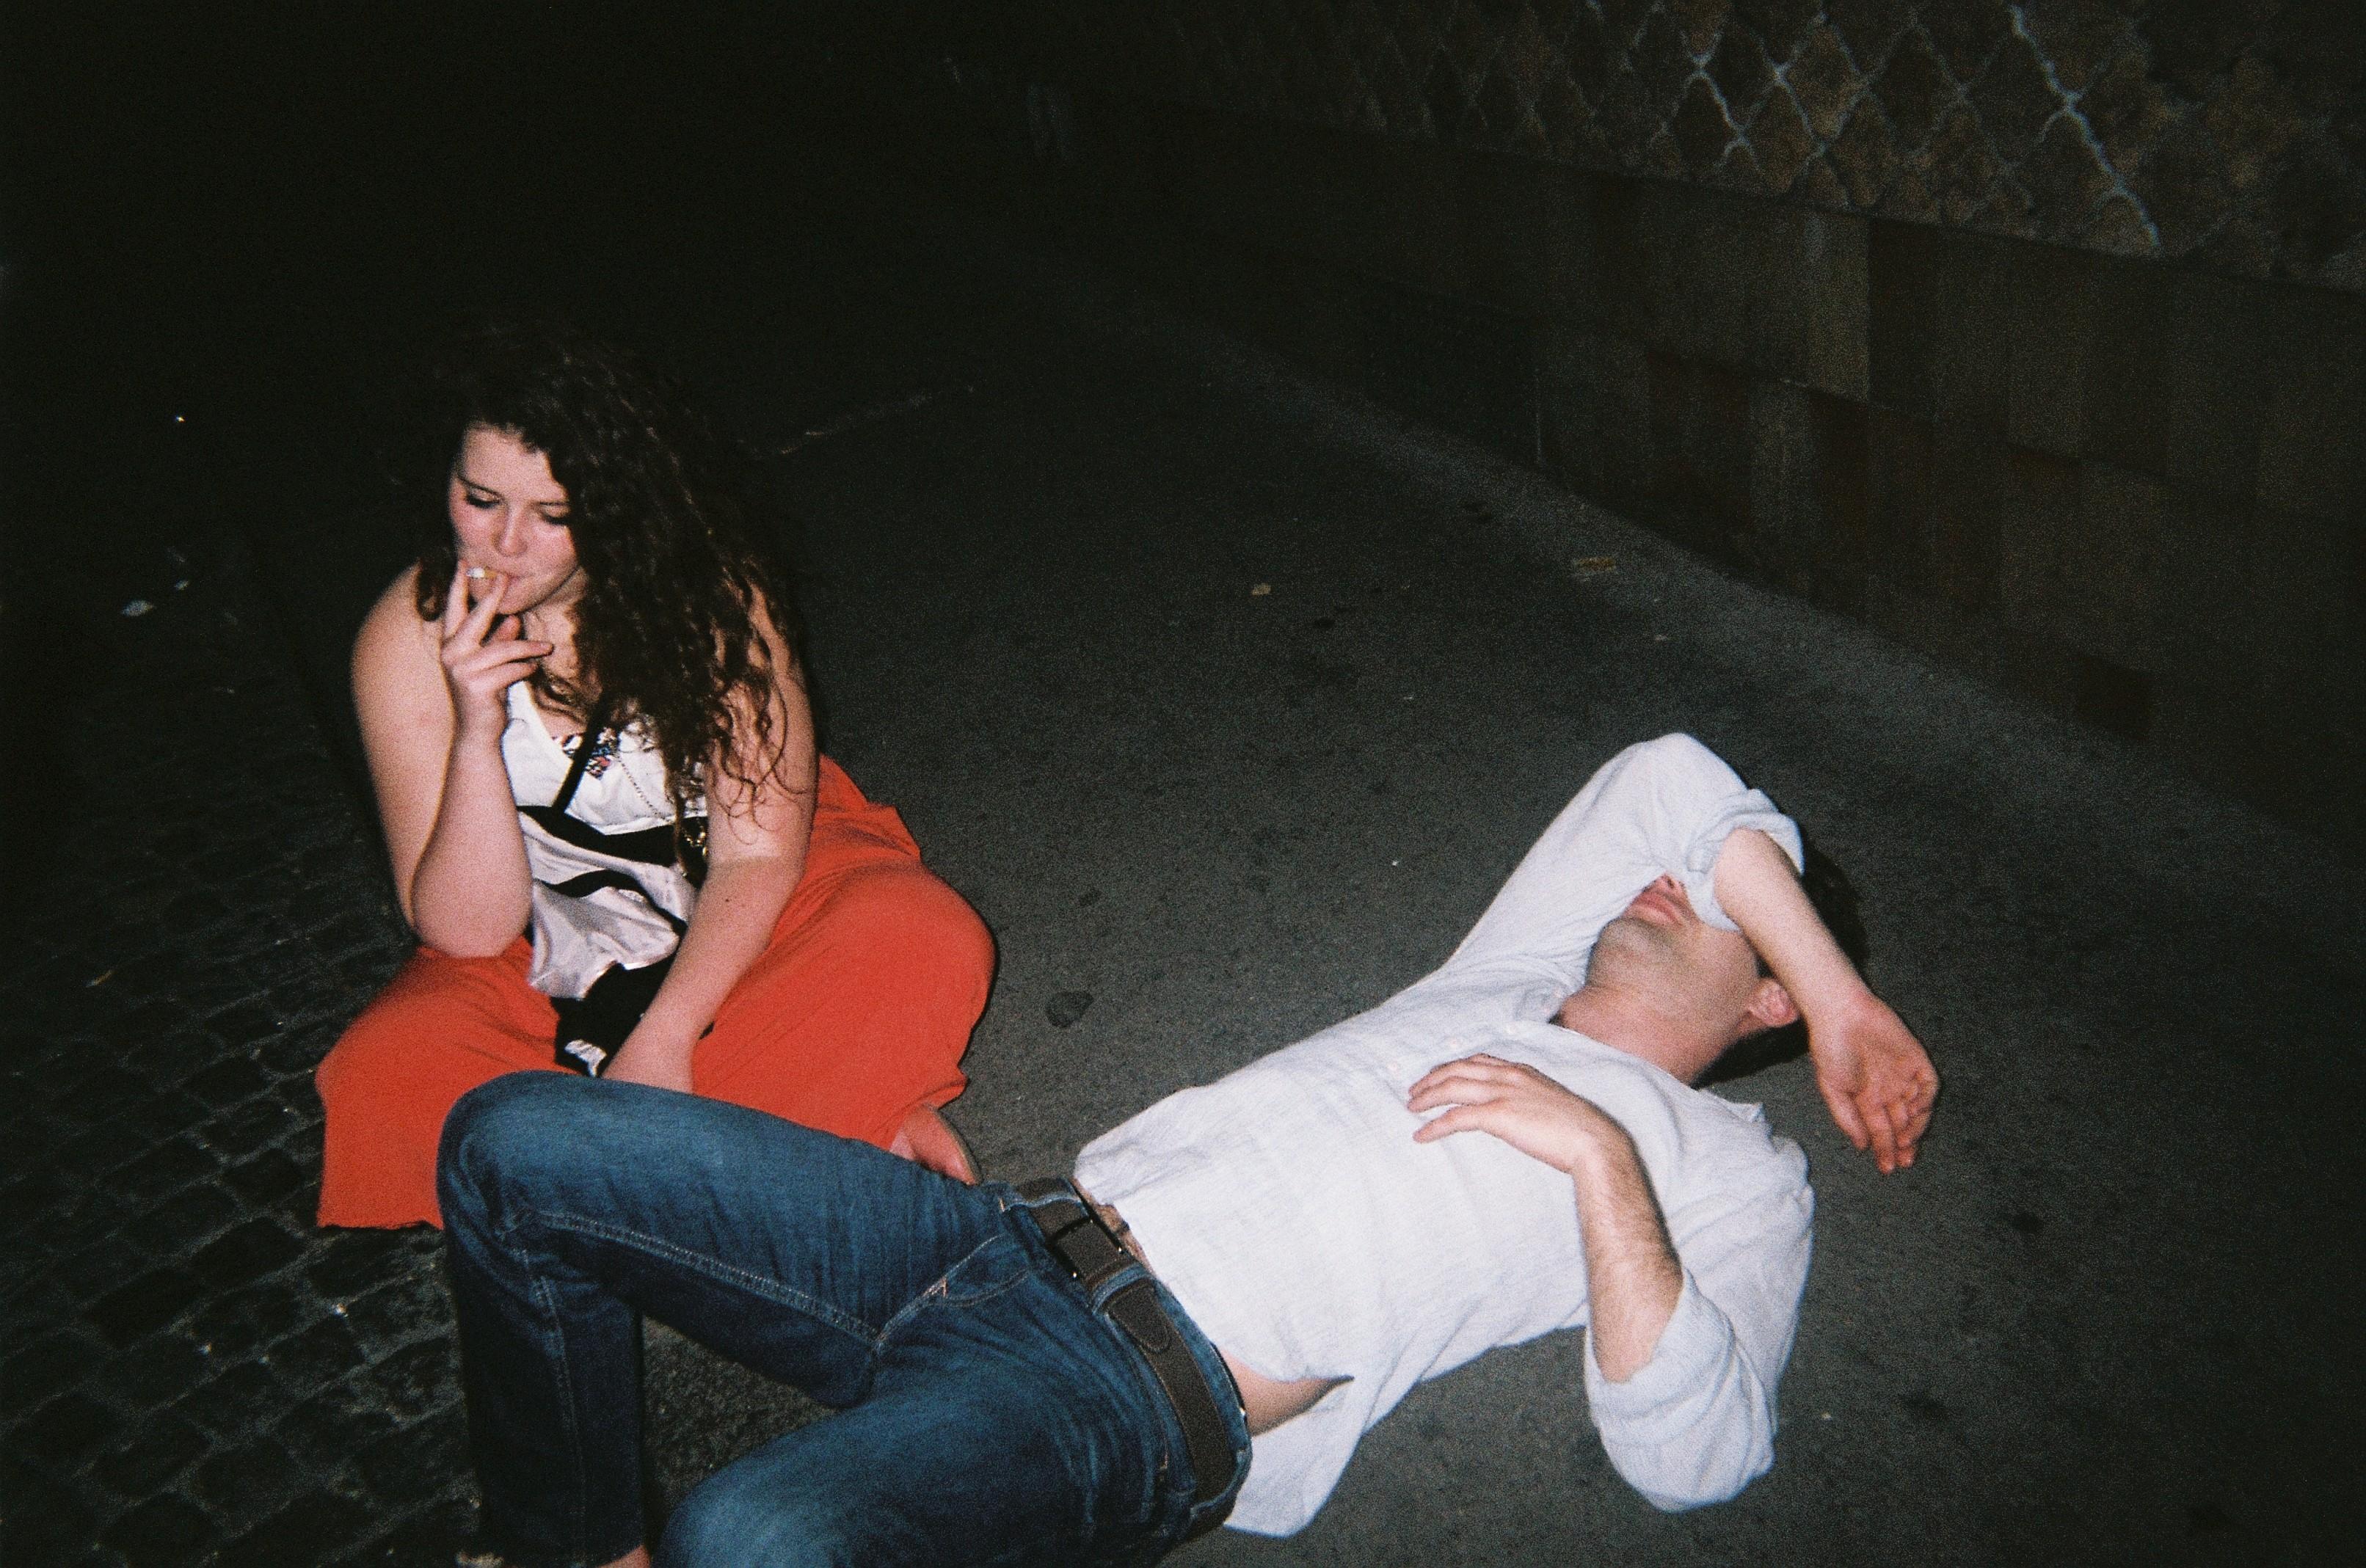 čo robia mladí ľudia v opitom stave?